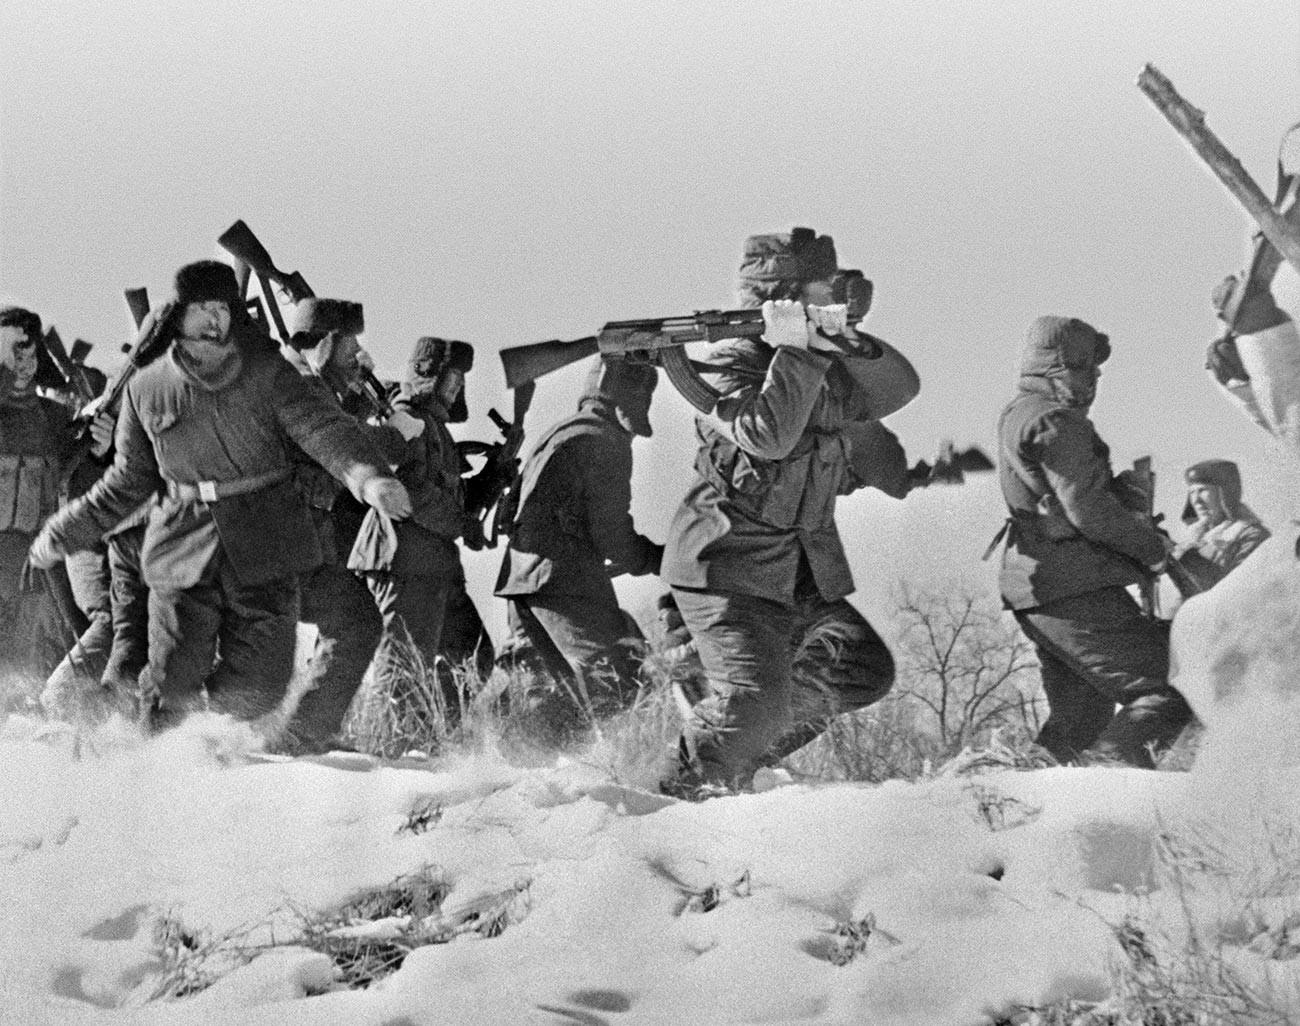 Съветско-китайският пограничен конфликт през 1969 г. Отряд китайски войници се опитва да пробие на остров Дамански в СССР